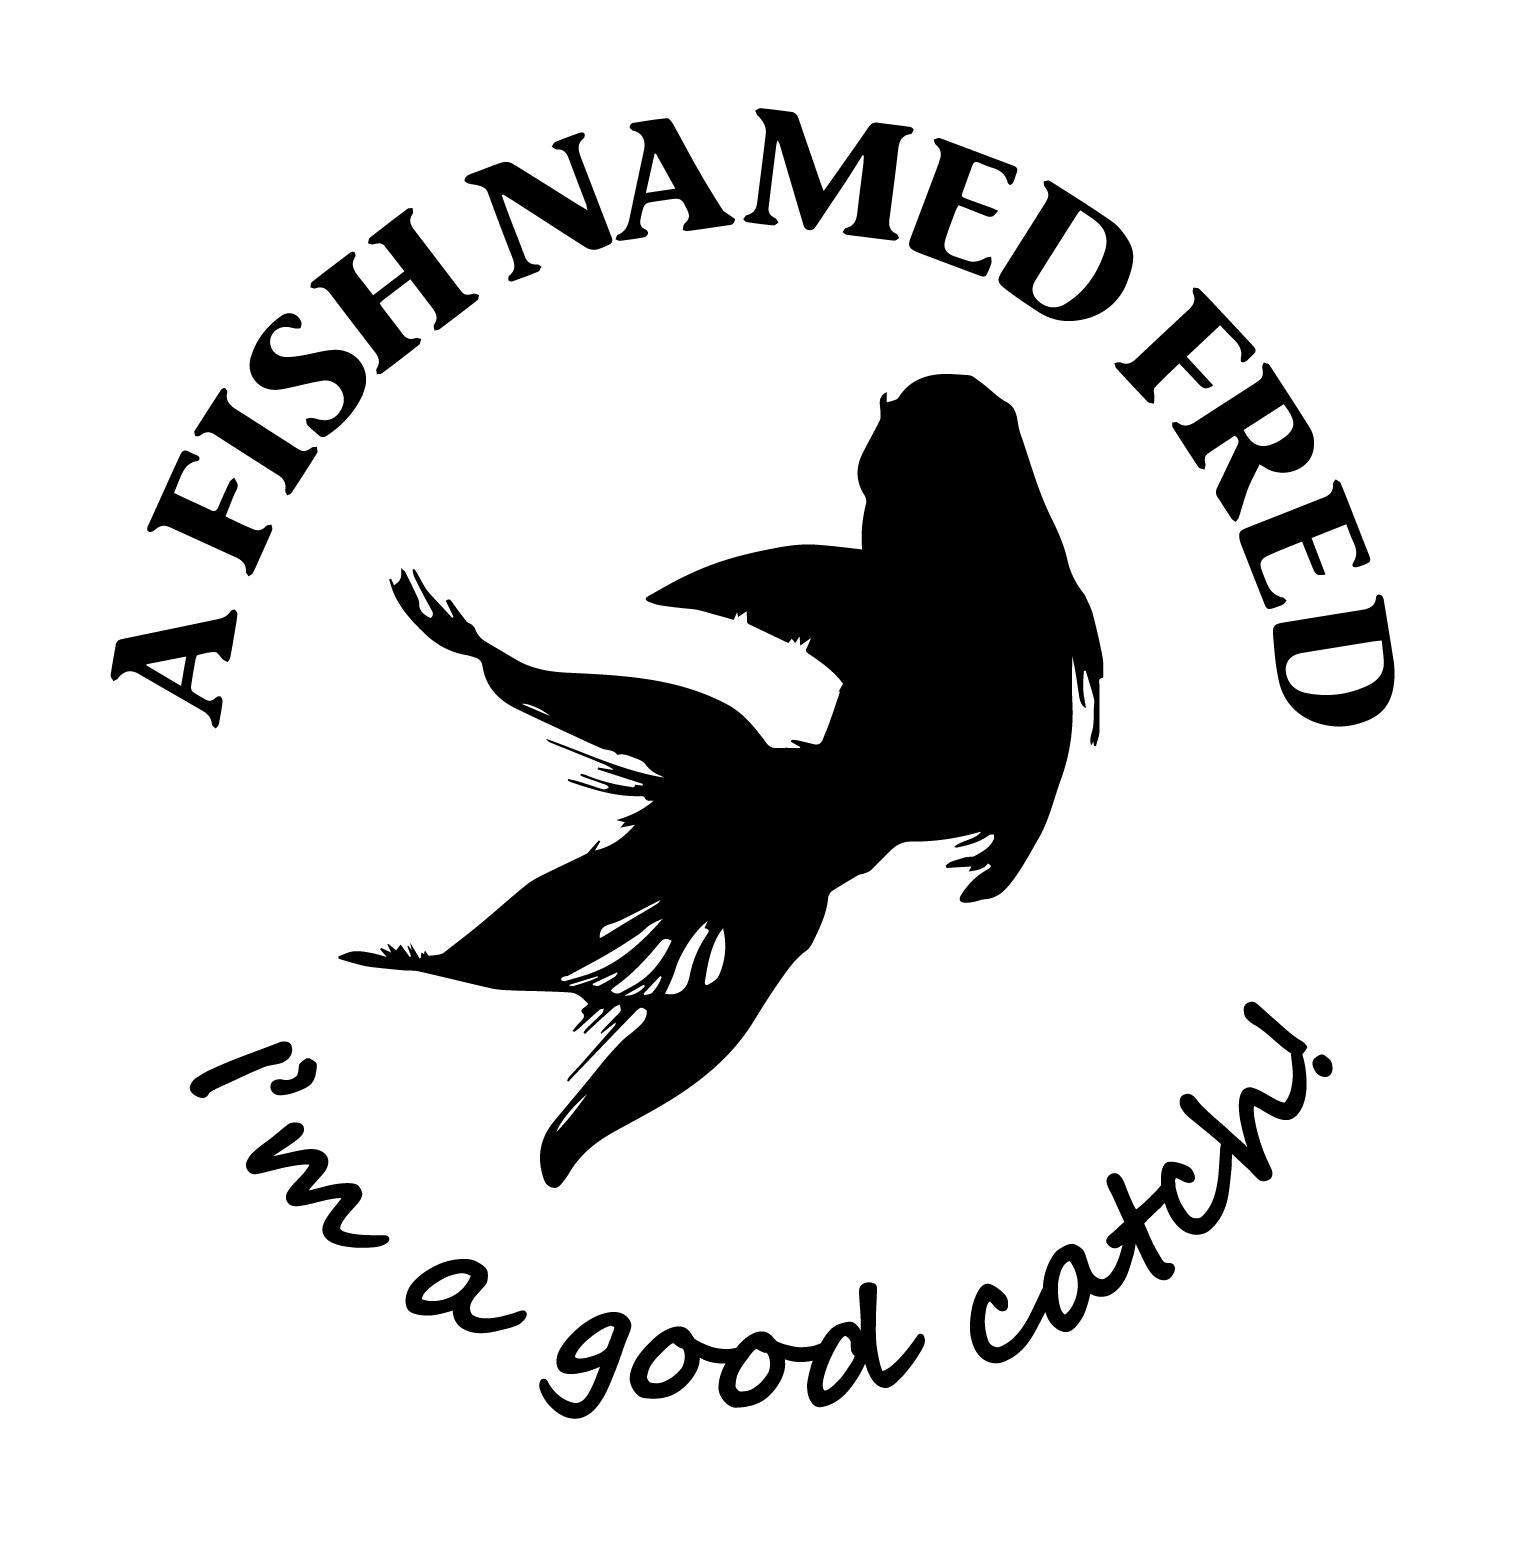 https://www.afishnamedfred.com/